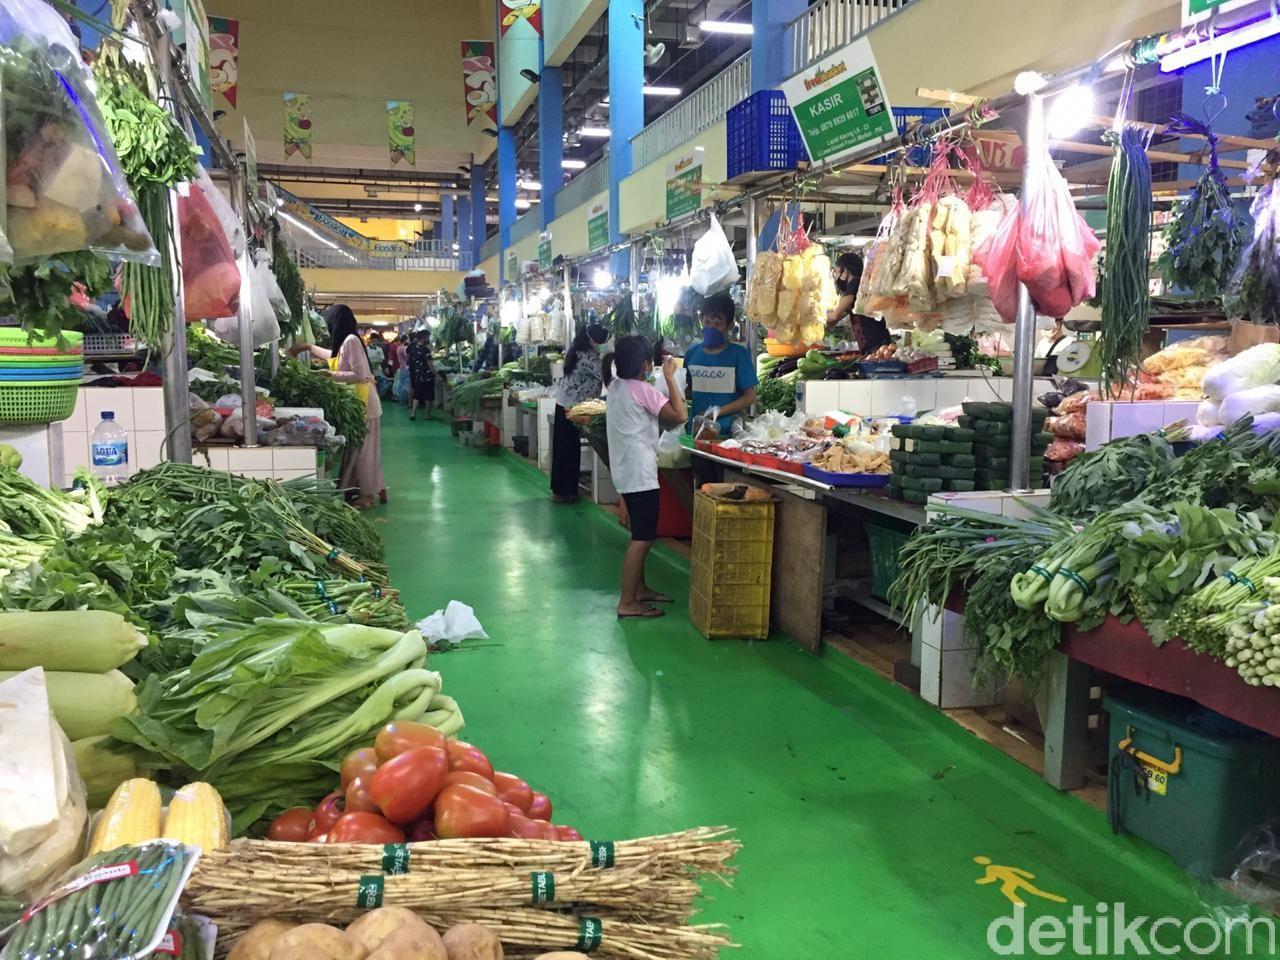 Tampilan Pasar Modern